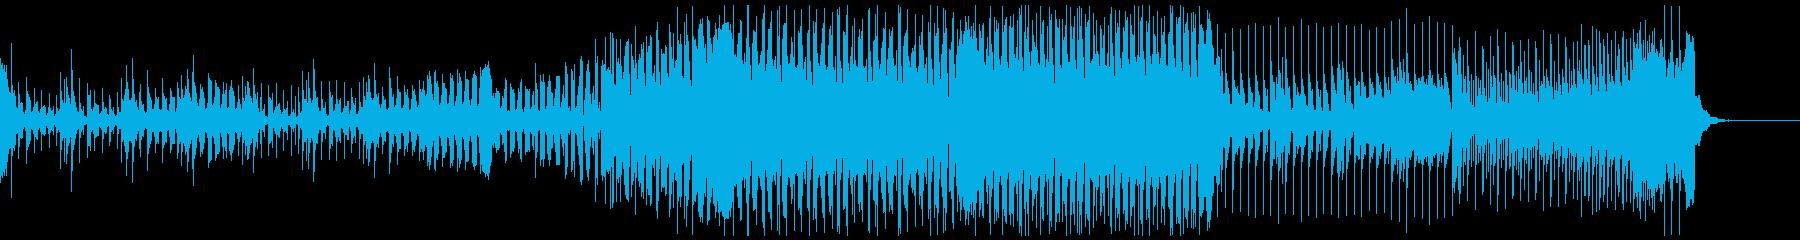 かっこよくて爽やかなEDMの再生済みの波形